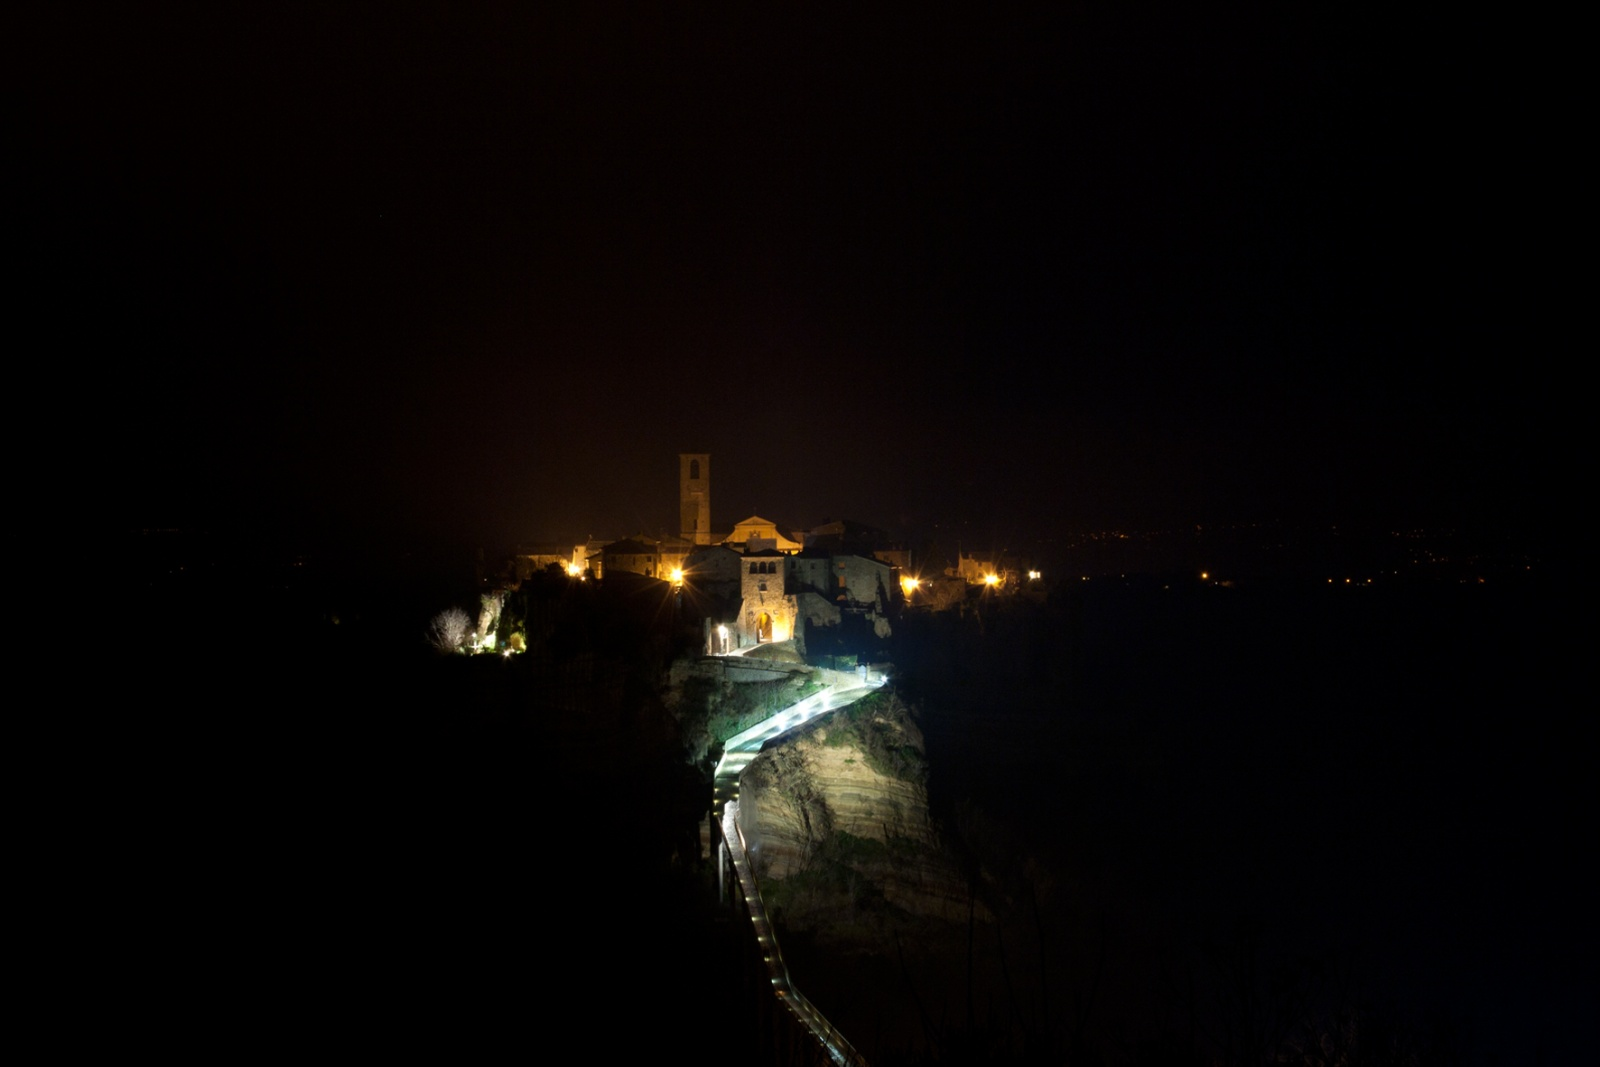 Civita-Di-Bagnoregio-Di-Notte - Visuale suggestiva di Civita di Bagnoreggio fotografata di notte.